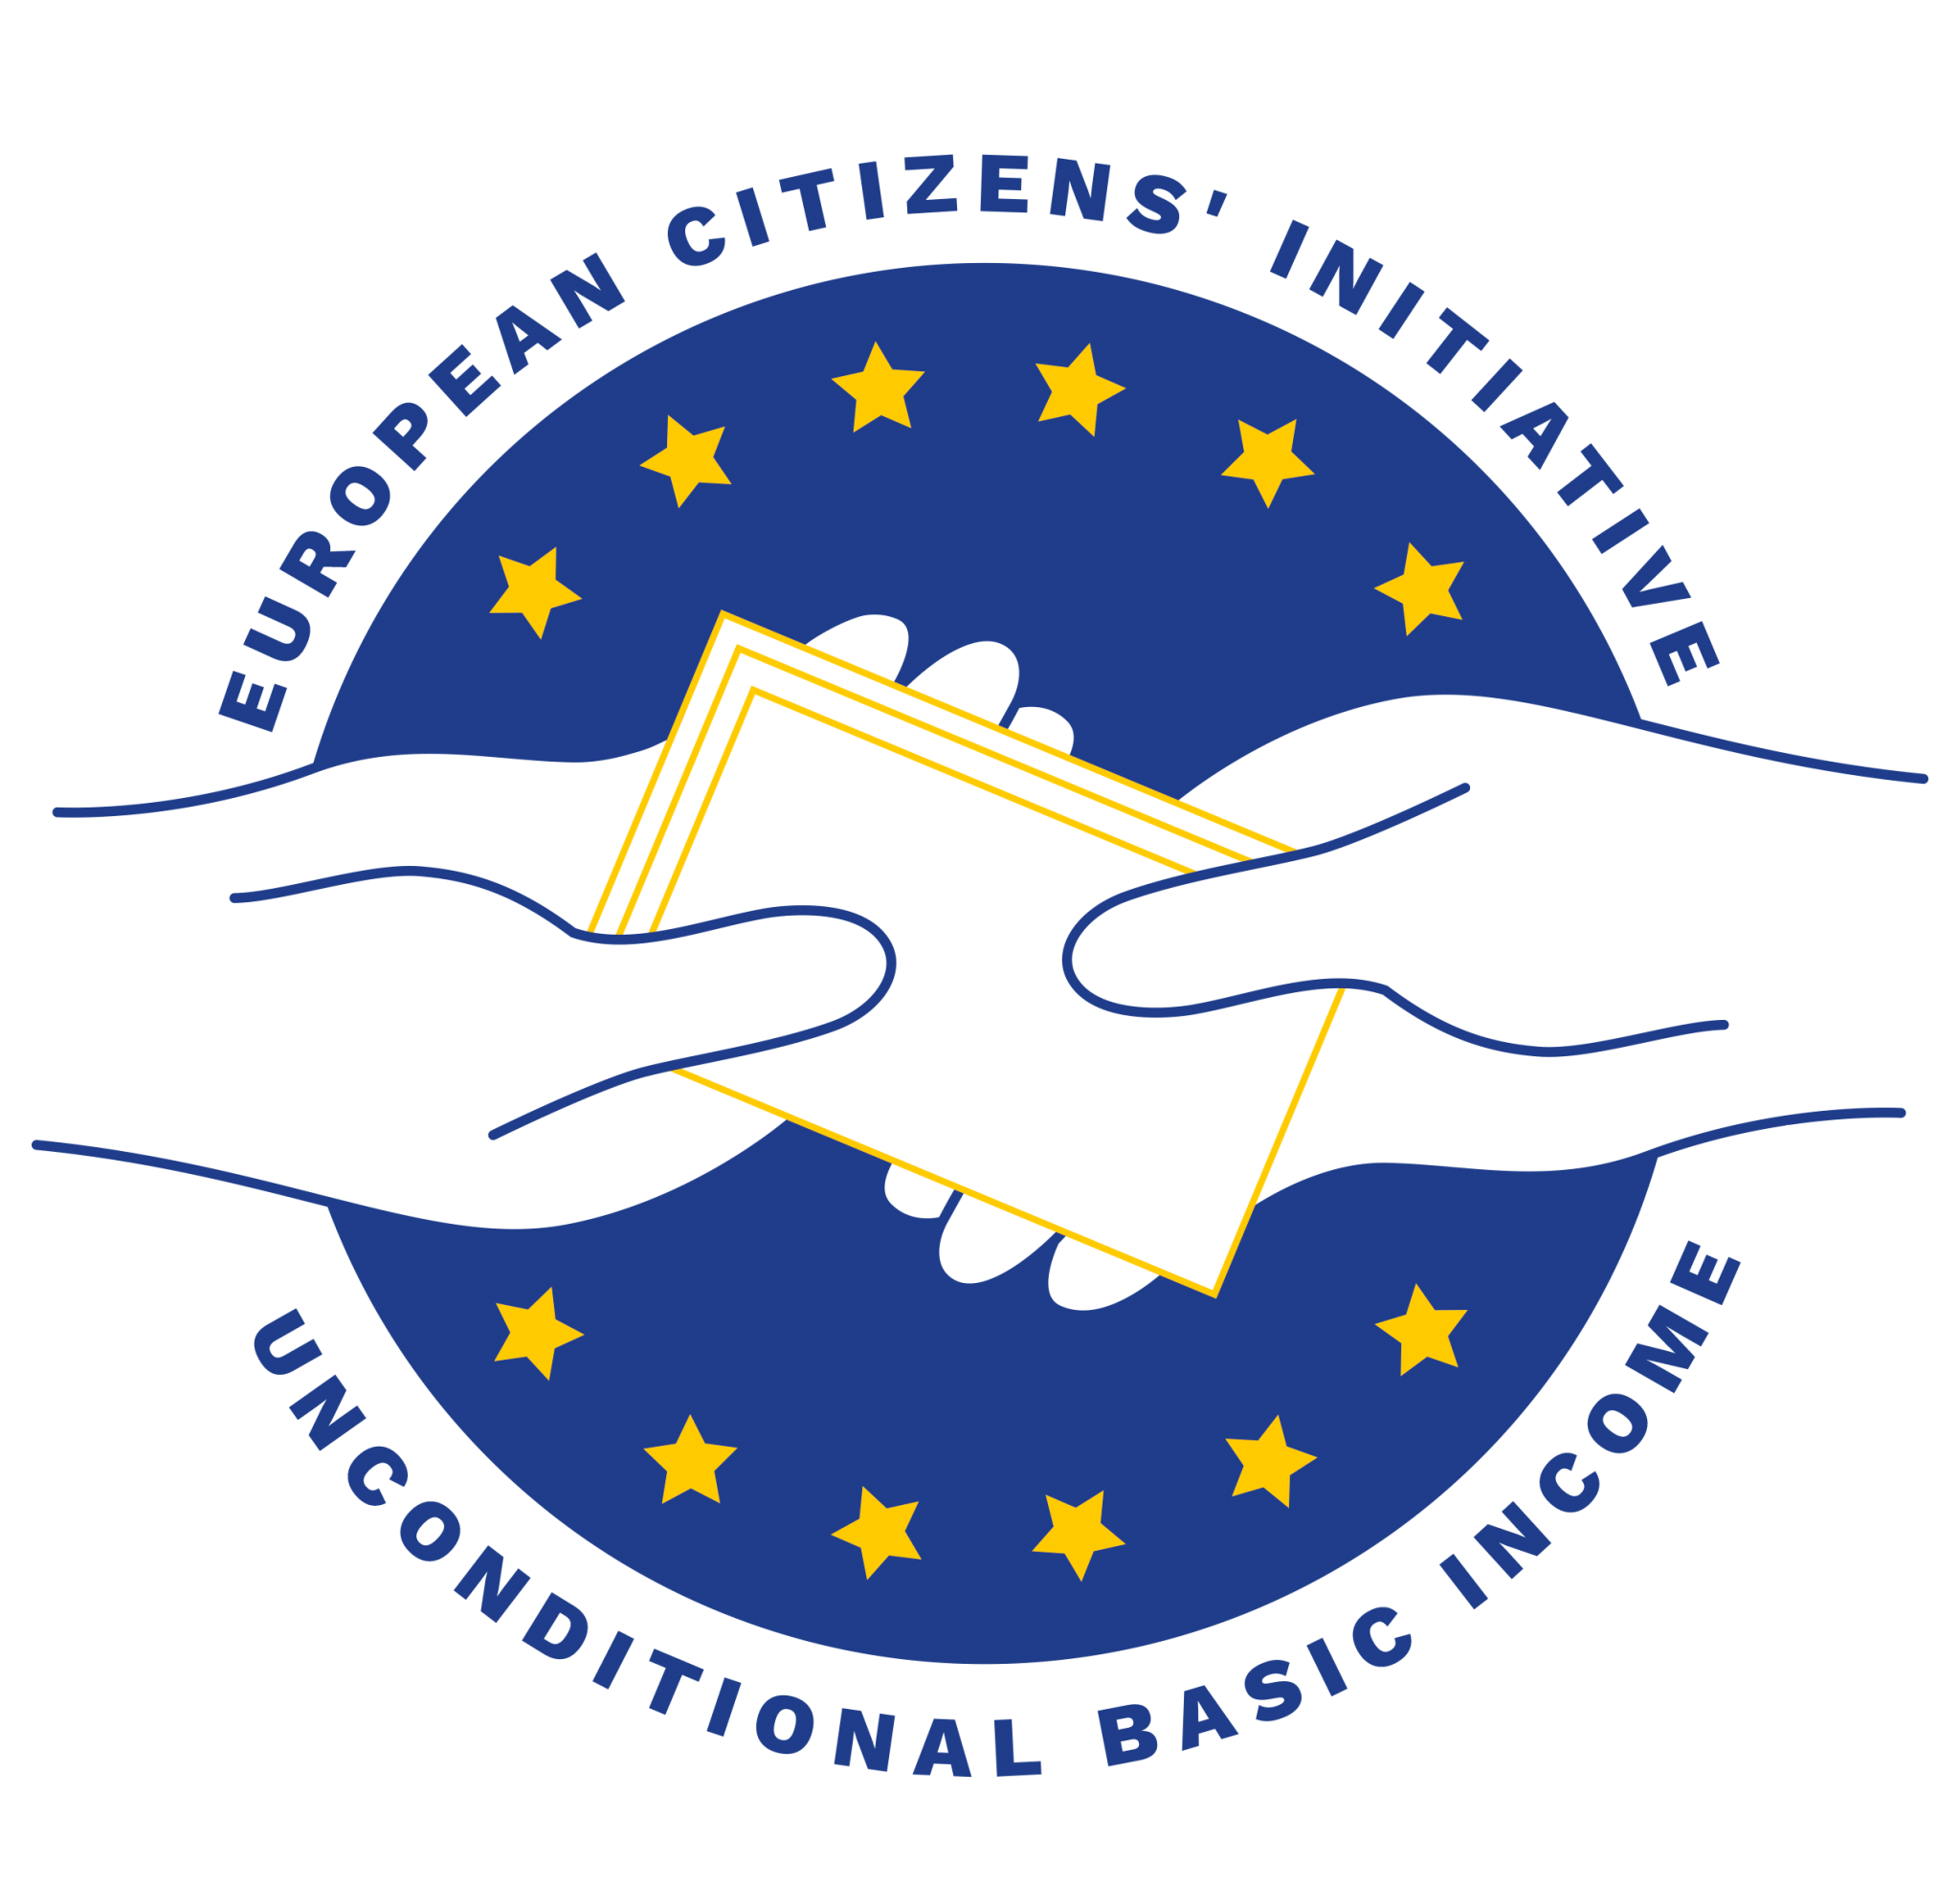 evropejkaya-grazhdanskaya-iniciativa-dlya-bezuslovnogo-osnovnogo-dohoda